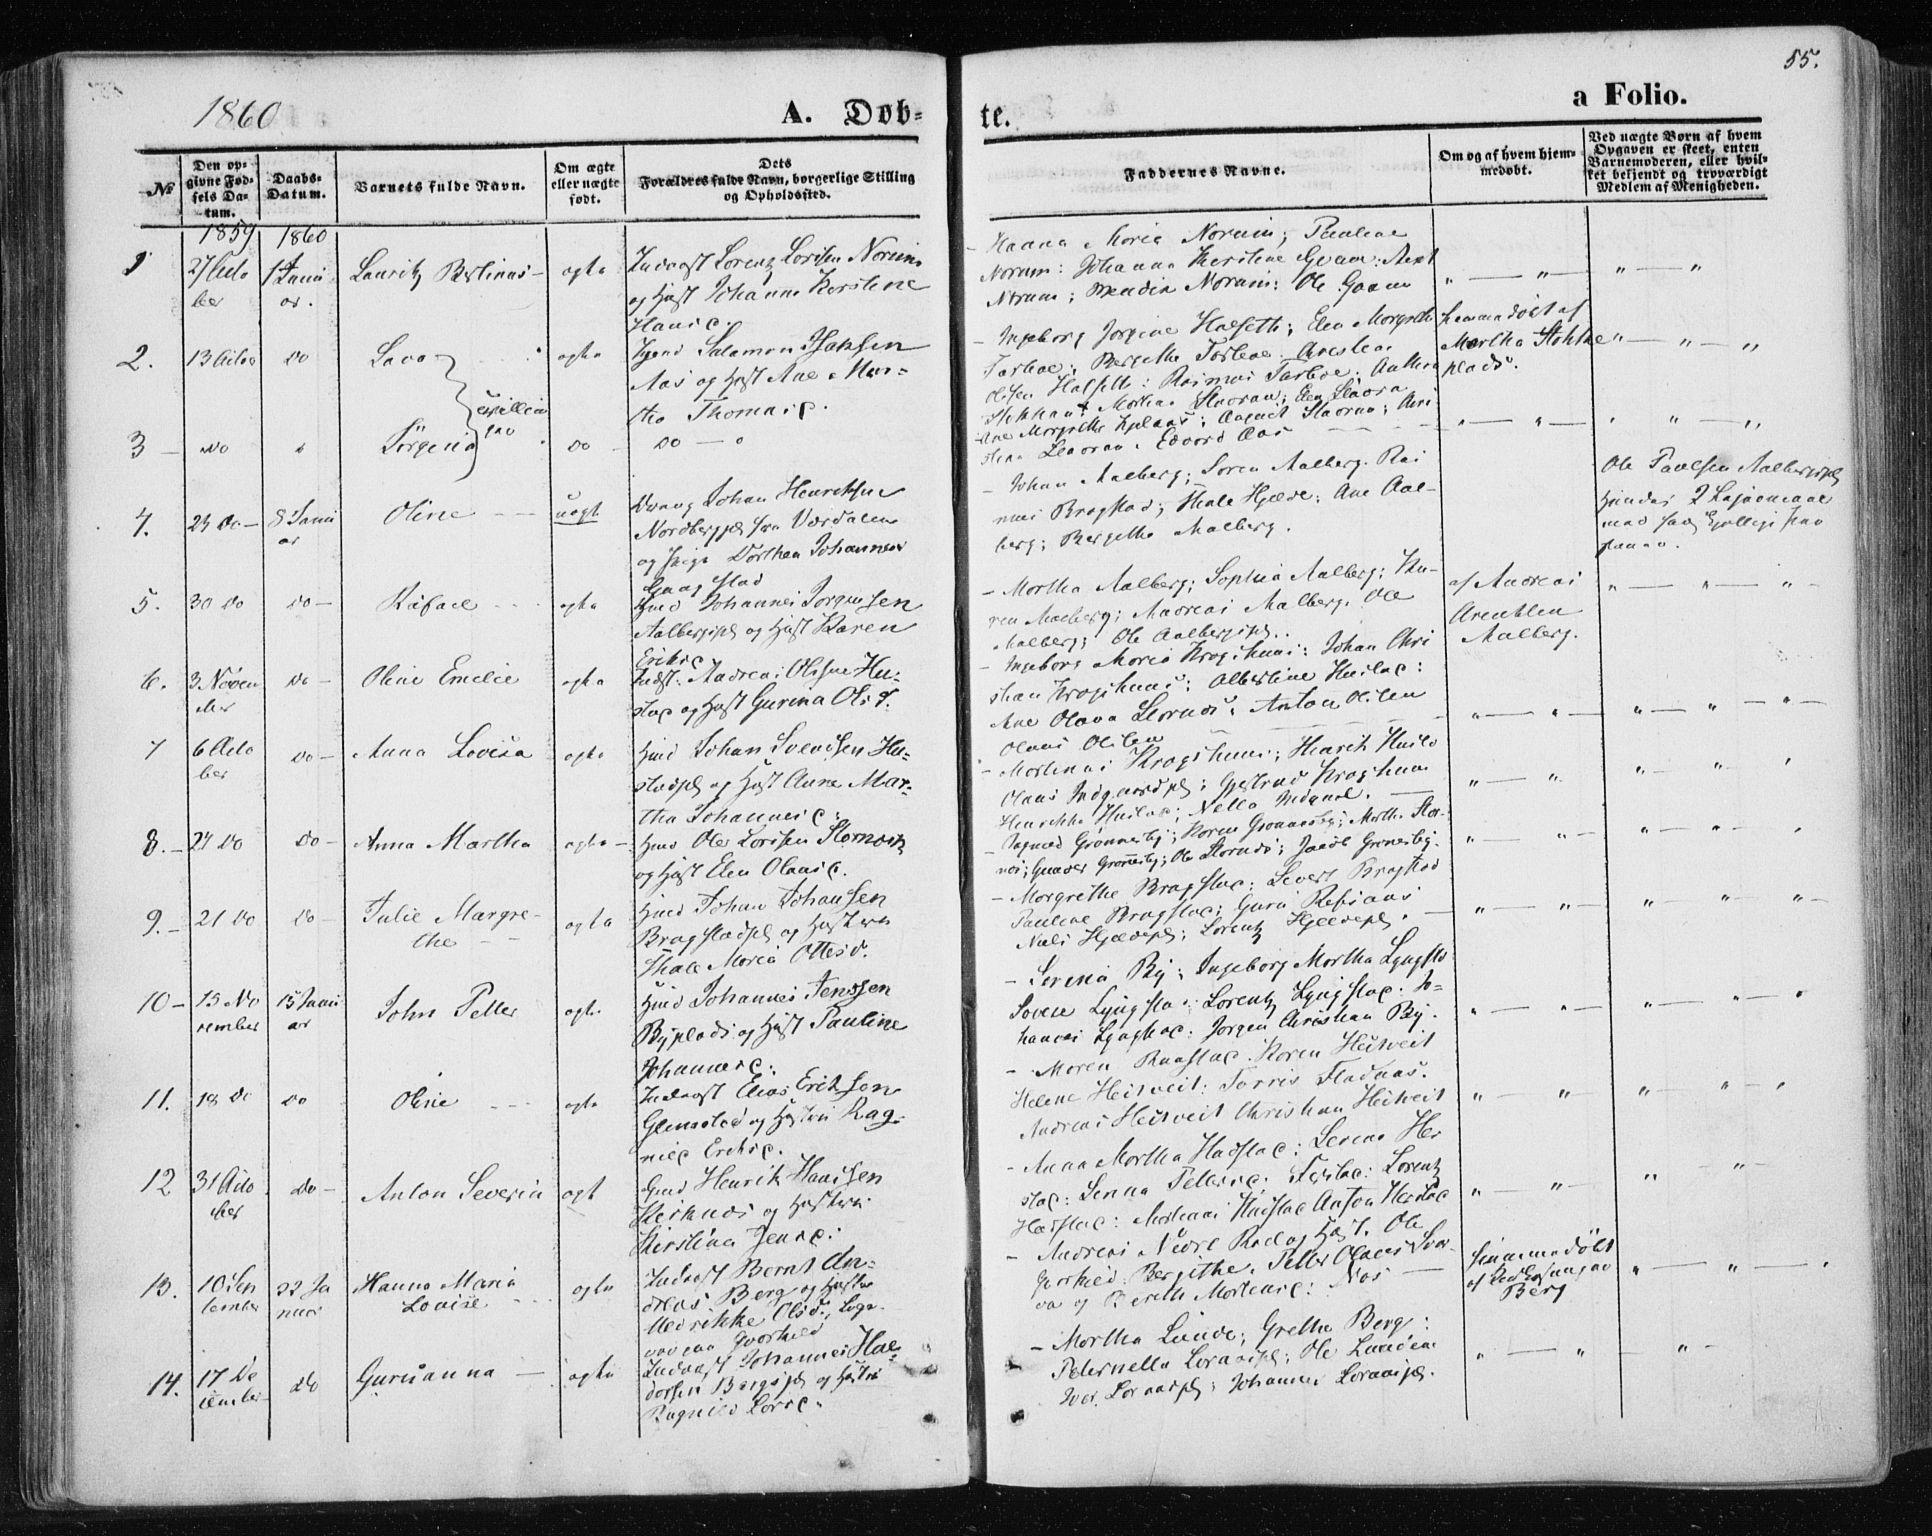 SAT, Ministerialprotokoller, klokkerbøker og fødselsregistre - Nord-Trøndelag, 730/L0283: Ministerialbok nr. 730A08, 1855-1865, s. 55